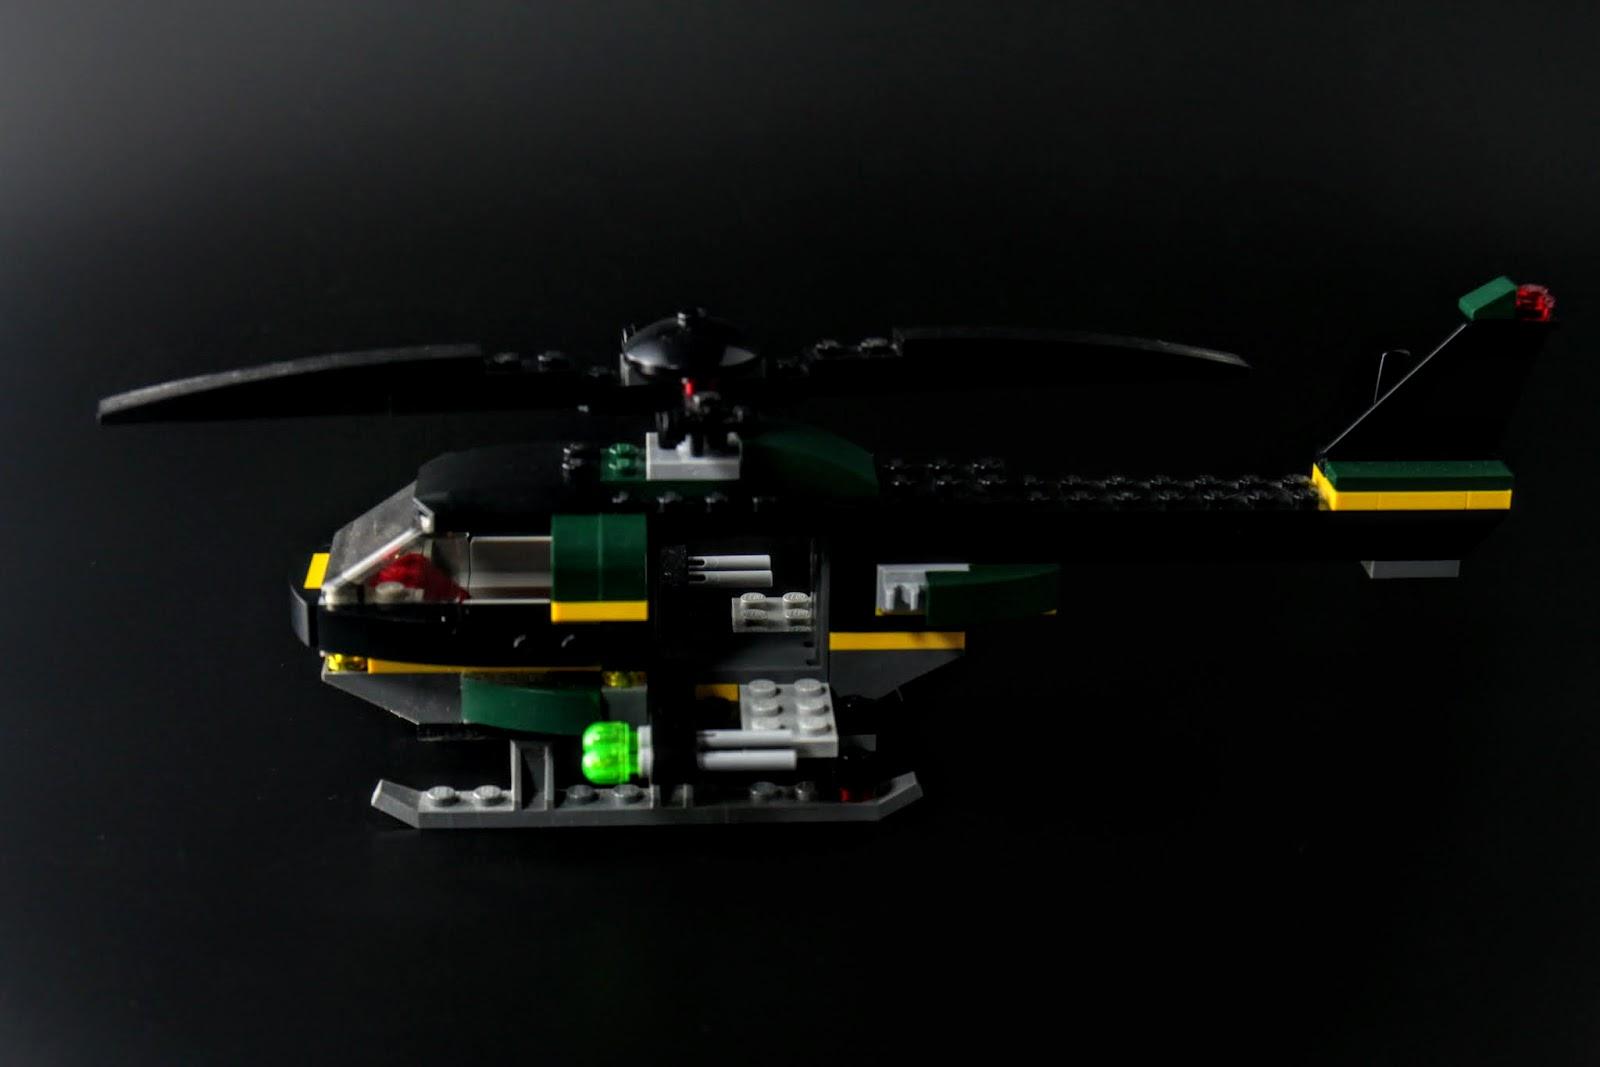 這直升機造型蠻不錯的